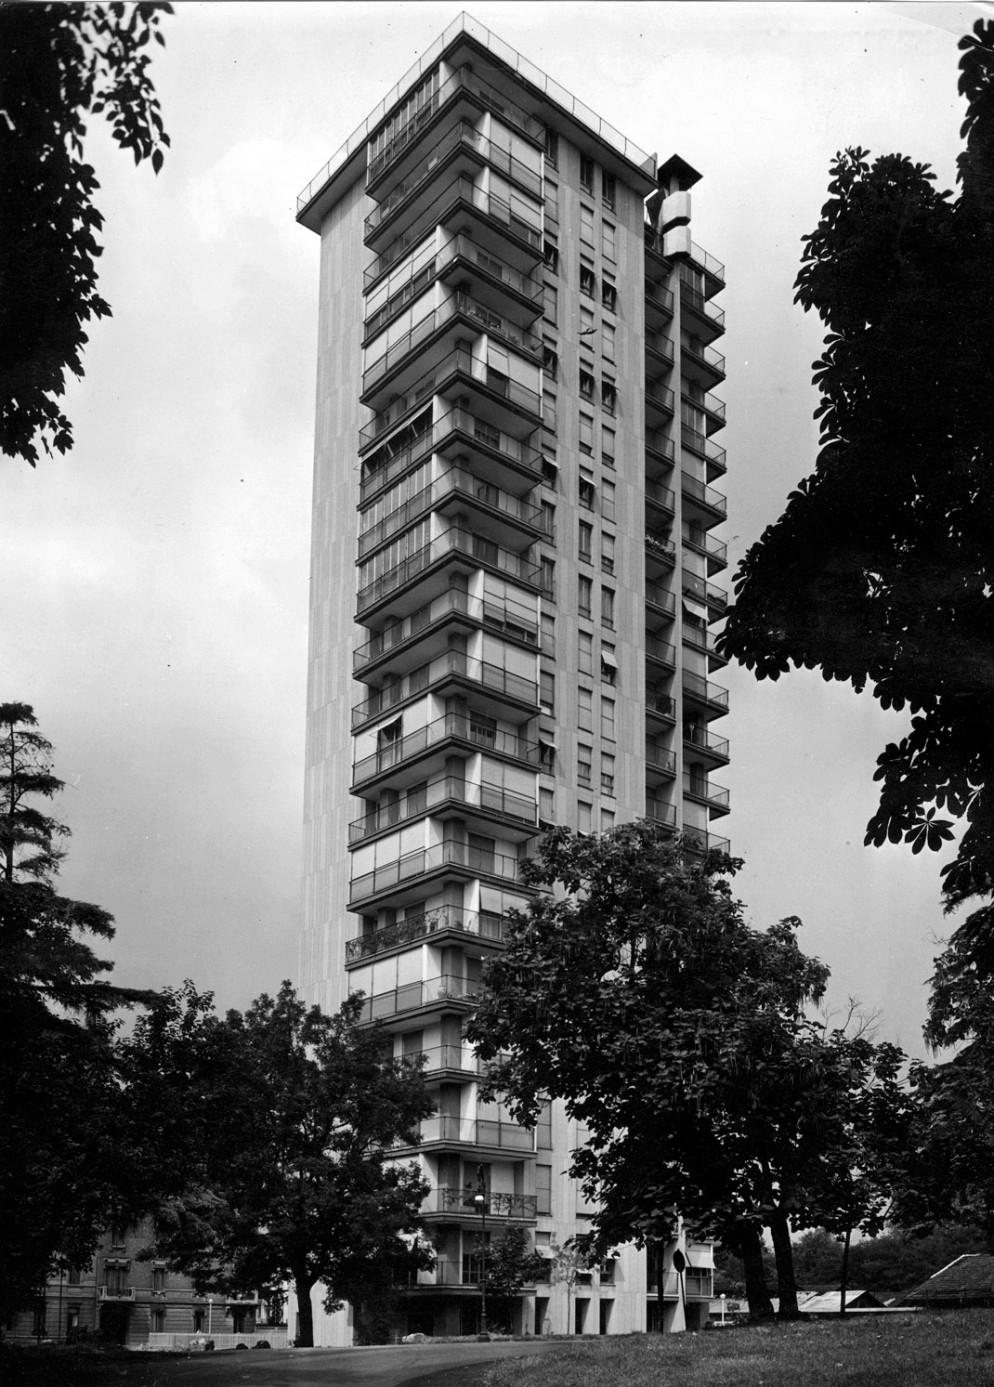 magistretti-architetto-Torre-al-Parco-01_PH-Sconosciuto